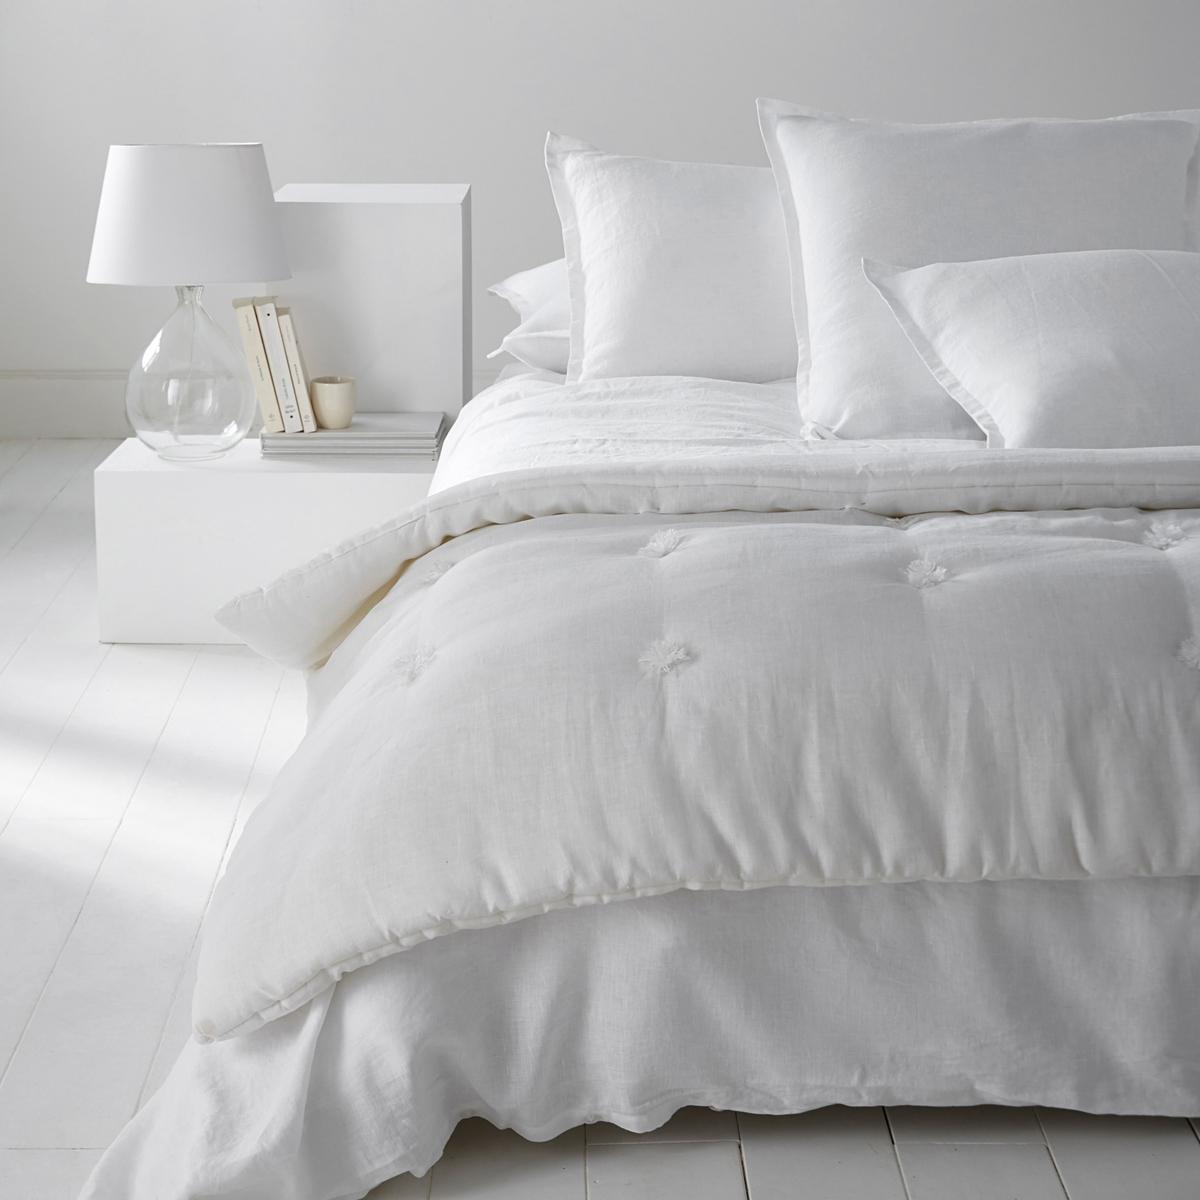 Одеяло из стиранного льна, AbellaОдеяло из 100% льна Abella, Качество уровня Qualit? Best. Чудесное блаженство проскользнуть под это одеяло Abella с очень приятным, легким и дышащим наполнителем. Характеристики одеяла изо льна, Abella :Верх из 100% льна.  Наполнитель из 100% полиэстера (400 г/м?)Стирка при 30°.100% лен : Натуральный, элегантный и аутентичный материал, с легким жатым эффектом. Мягкий струящийся материал - легкий летом и теплый зимой - становится еще мягче и красивее со временем.Другие наши изделия из льна ищите на сайте laredoute.ruРазмеры :90 x 150 см90 x 190 см150 x 150 см<br><br>Цвет: белый,серо-коричневый,сине-зеленый<br>Размер: 90 x 190  см